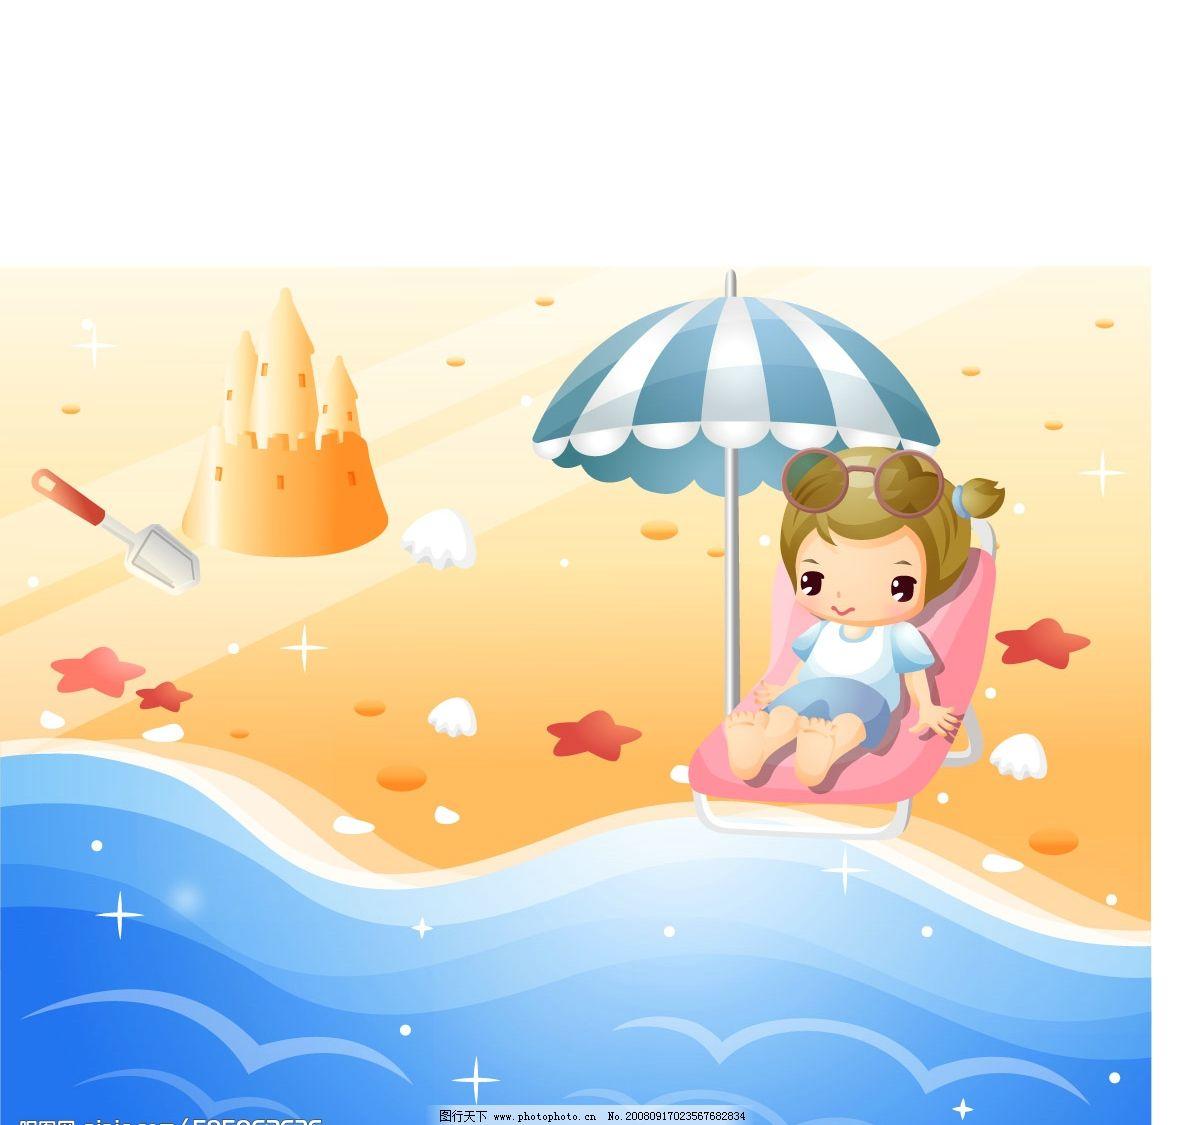 海滩小女孩 矢量人物 可爱 卡通 玩耍 儿童幼儿 矢量图库 ai